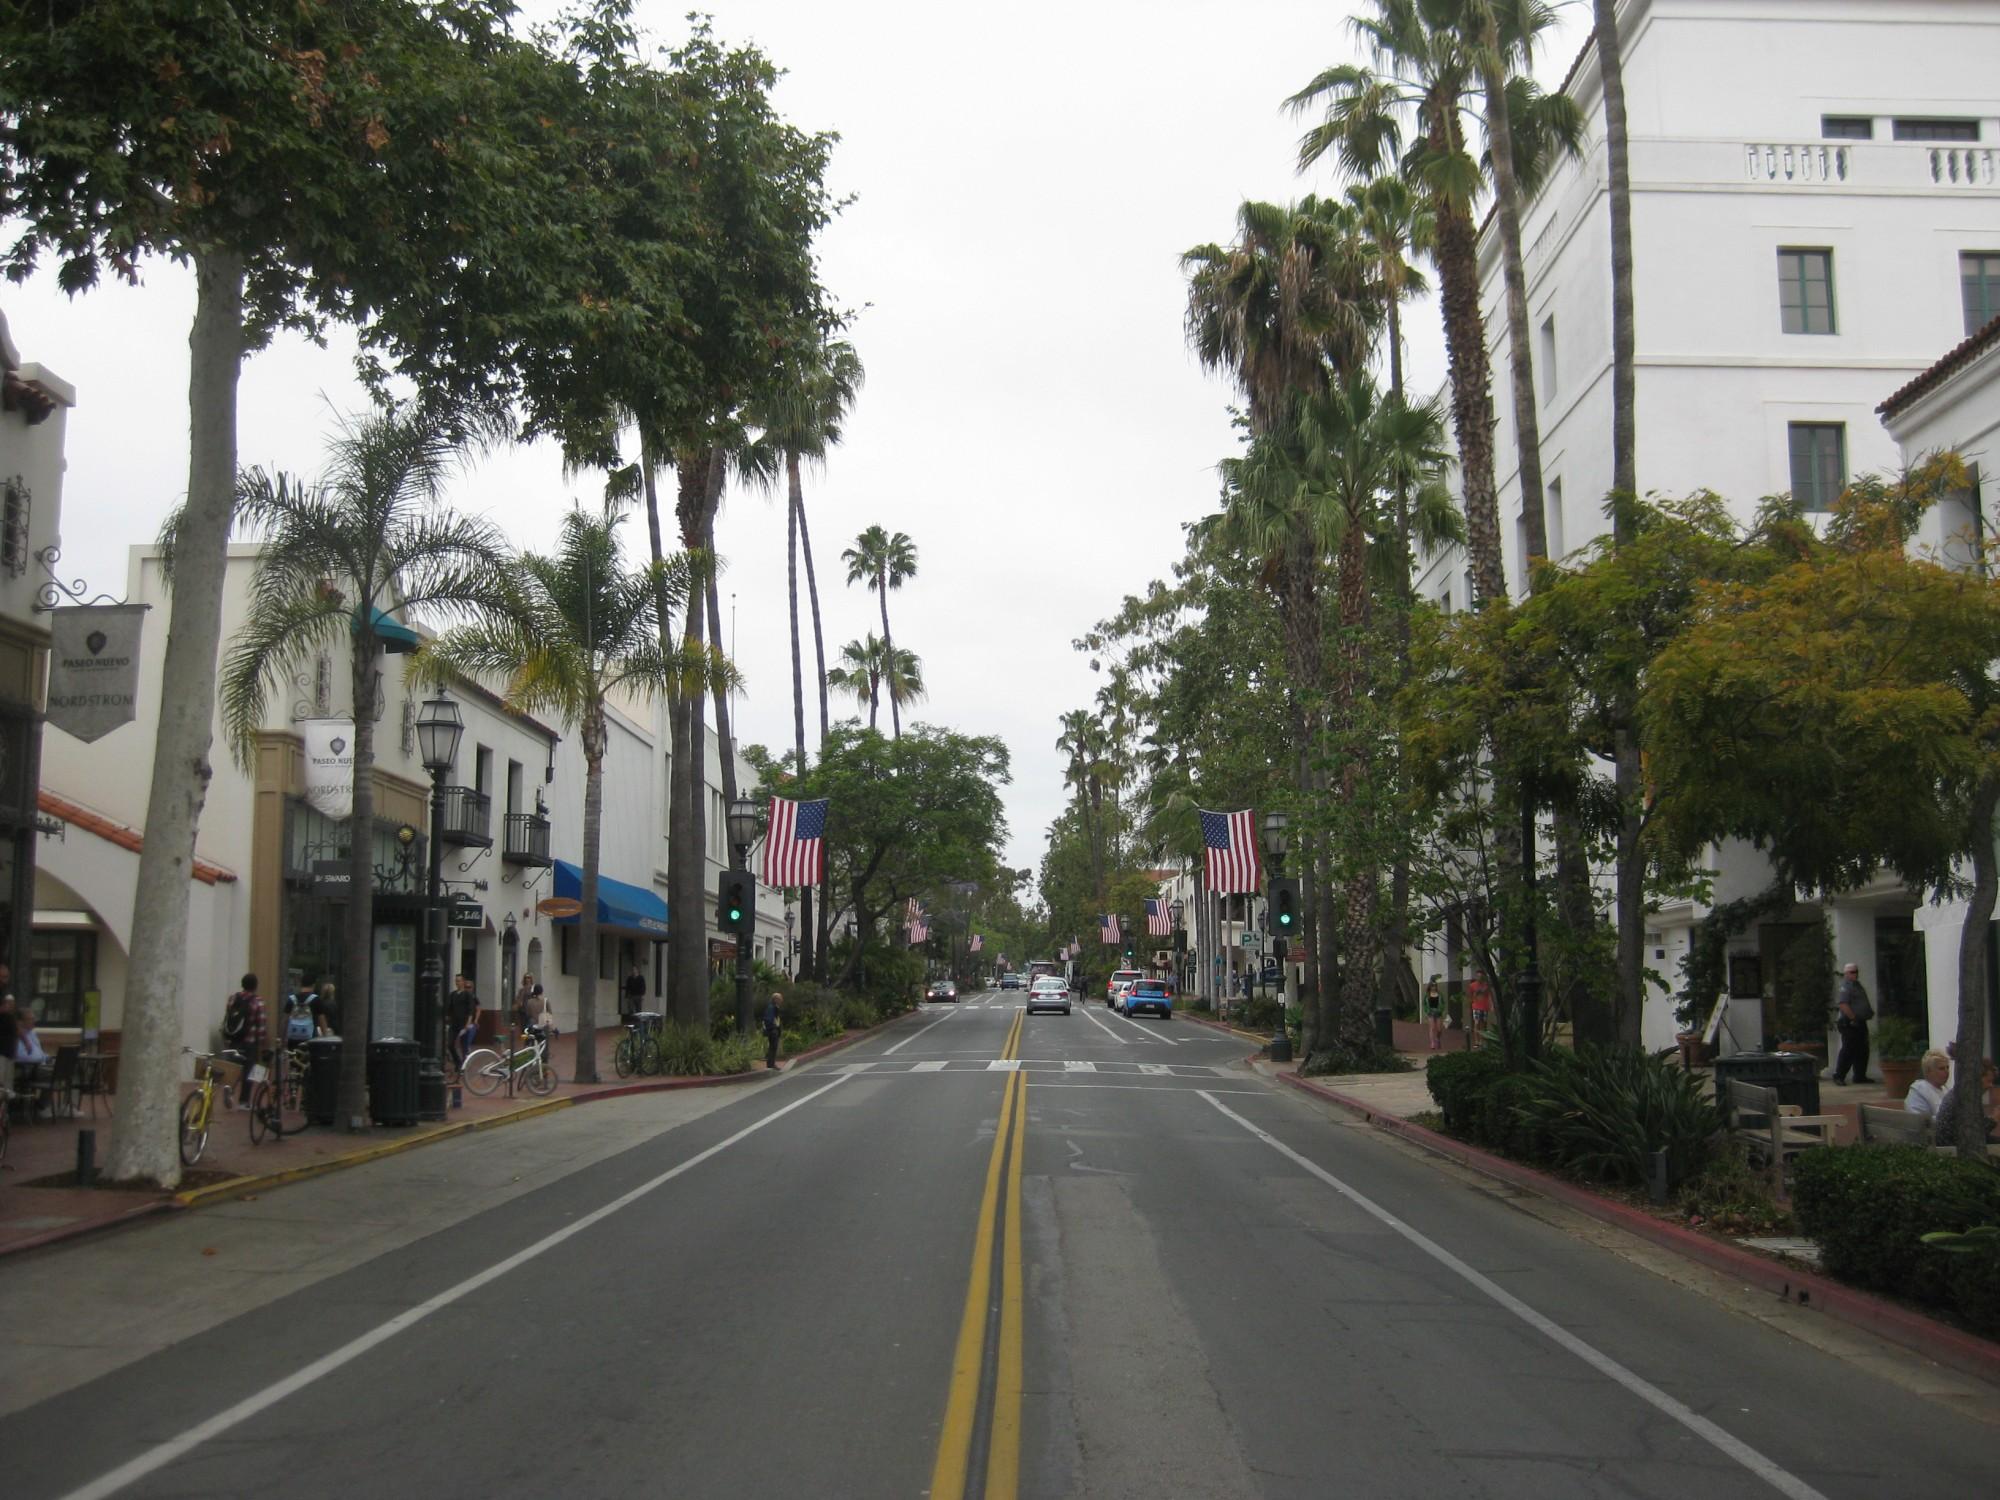 Travel & Adventures: Santa Barbara. A voyage to Santa